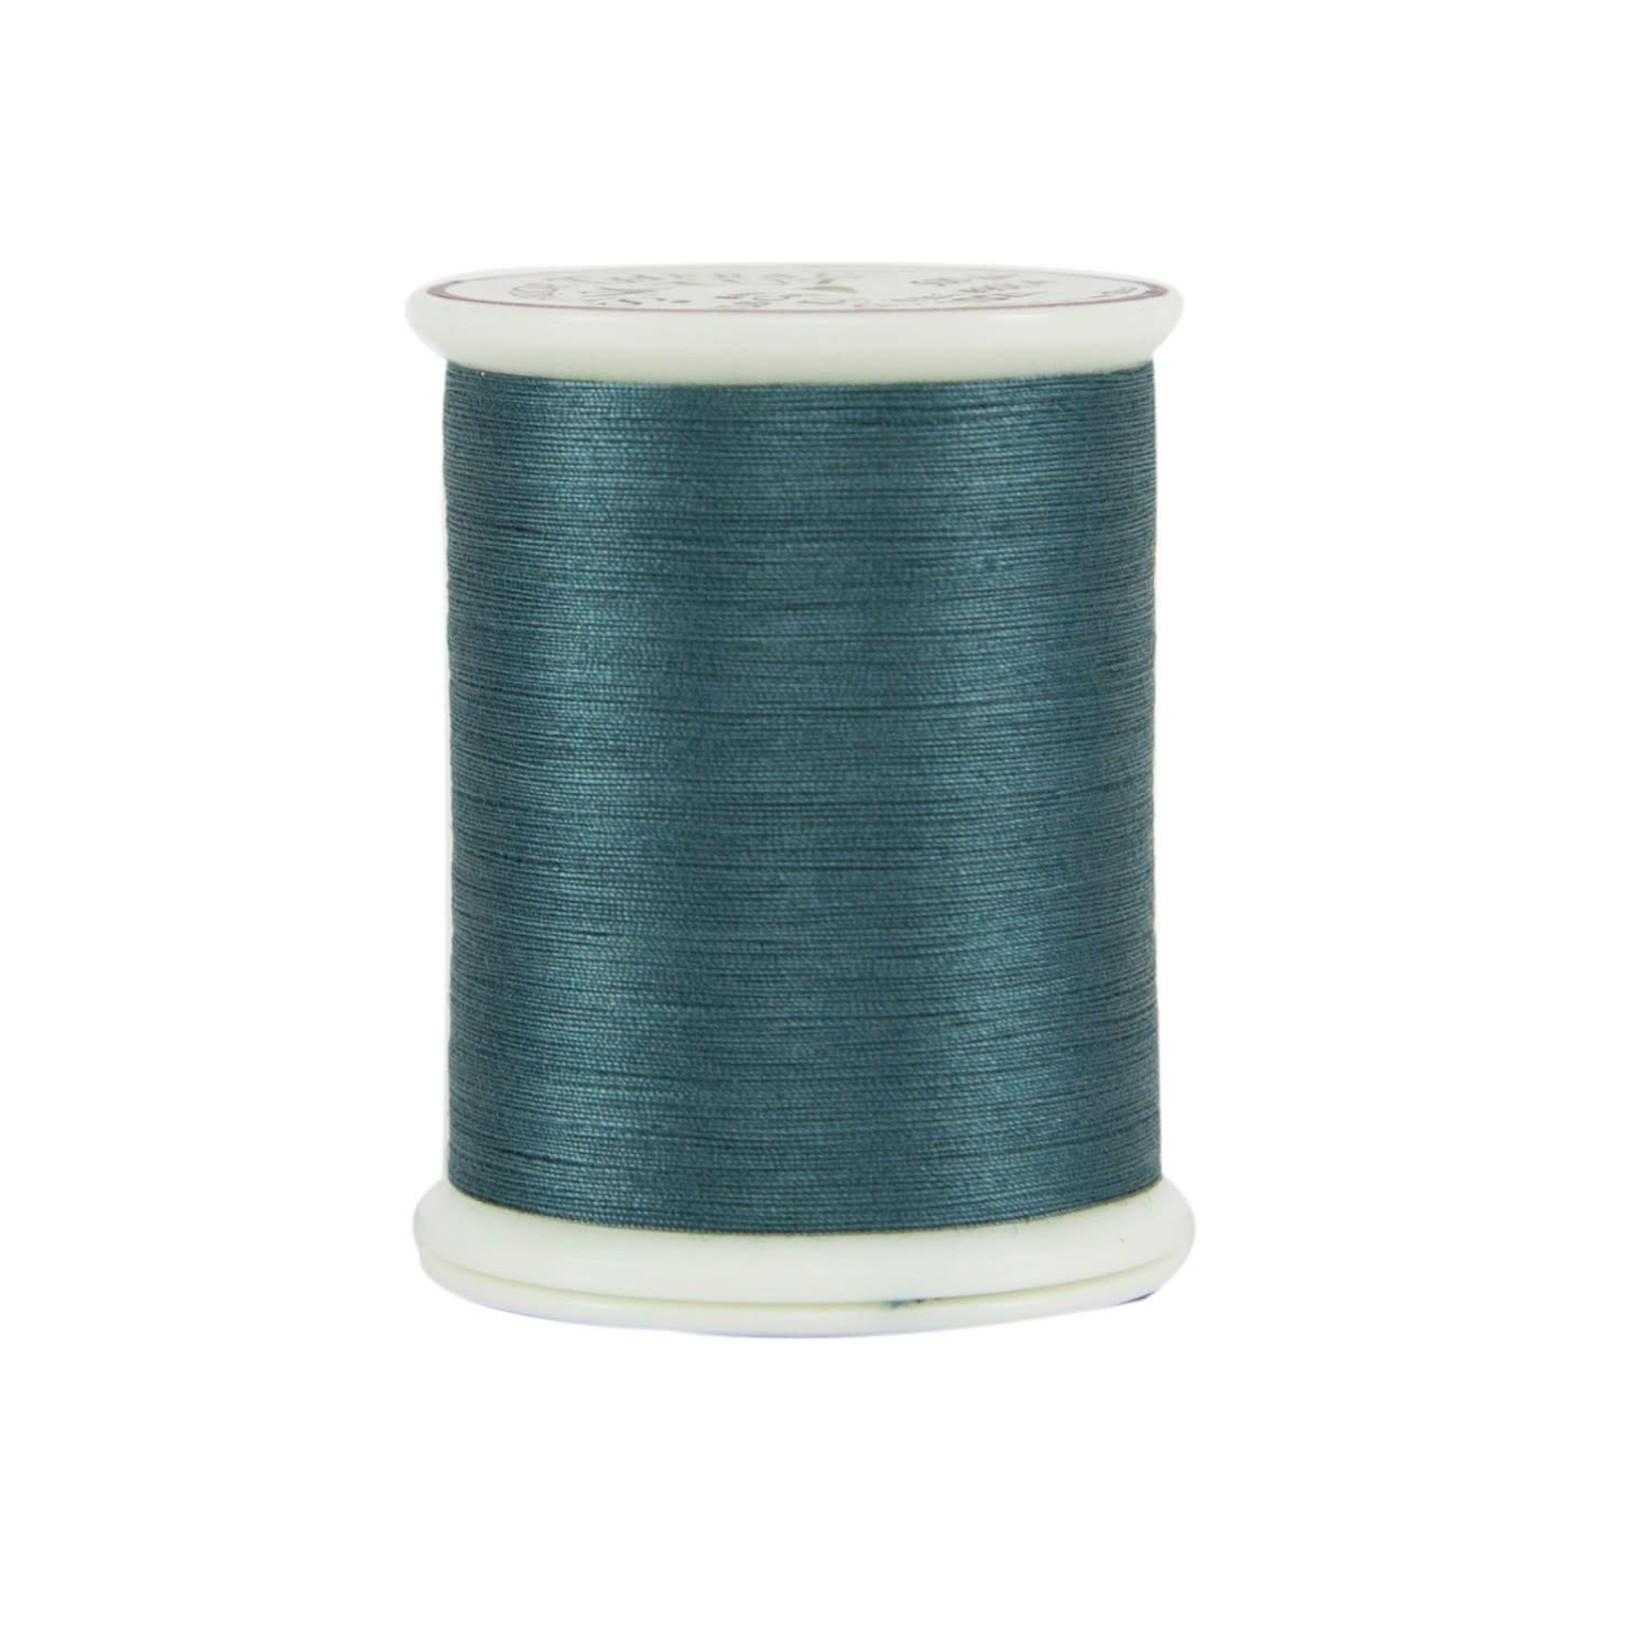 Superior Threads King Tut - #40 - 457 m - 1026 Equinox